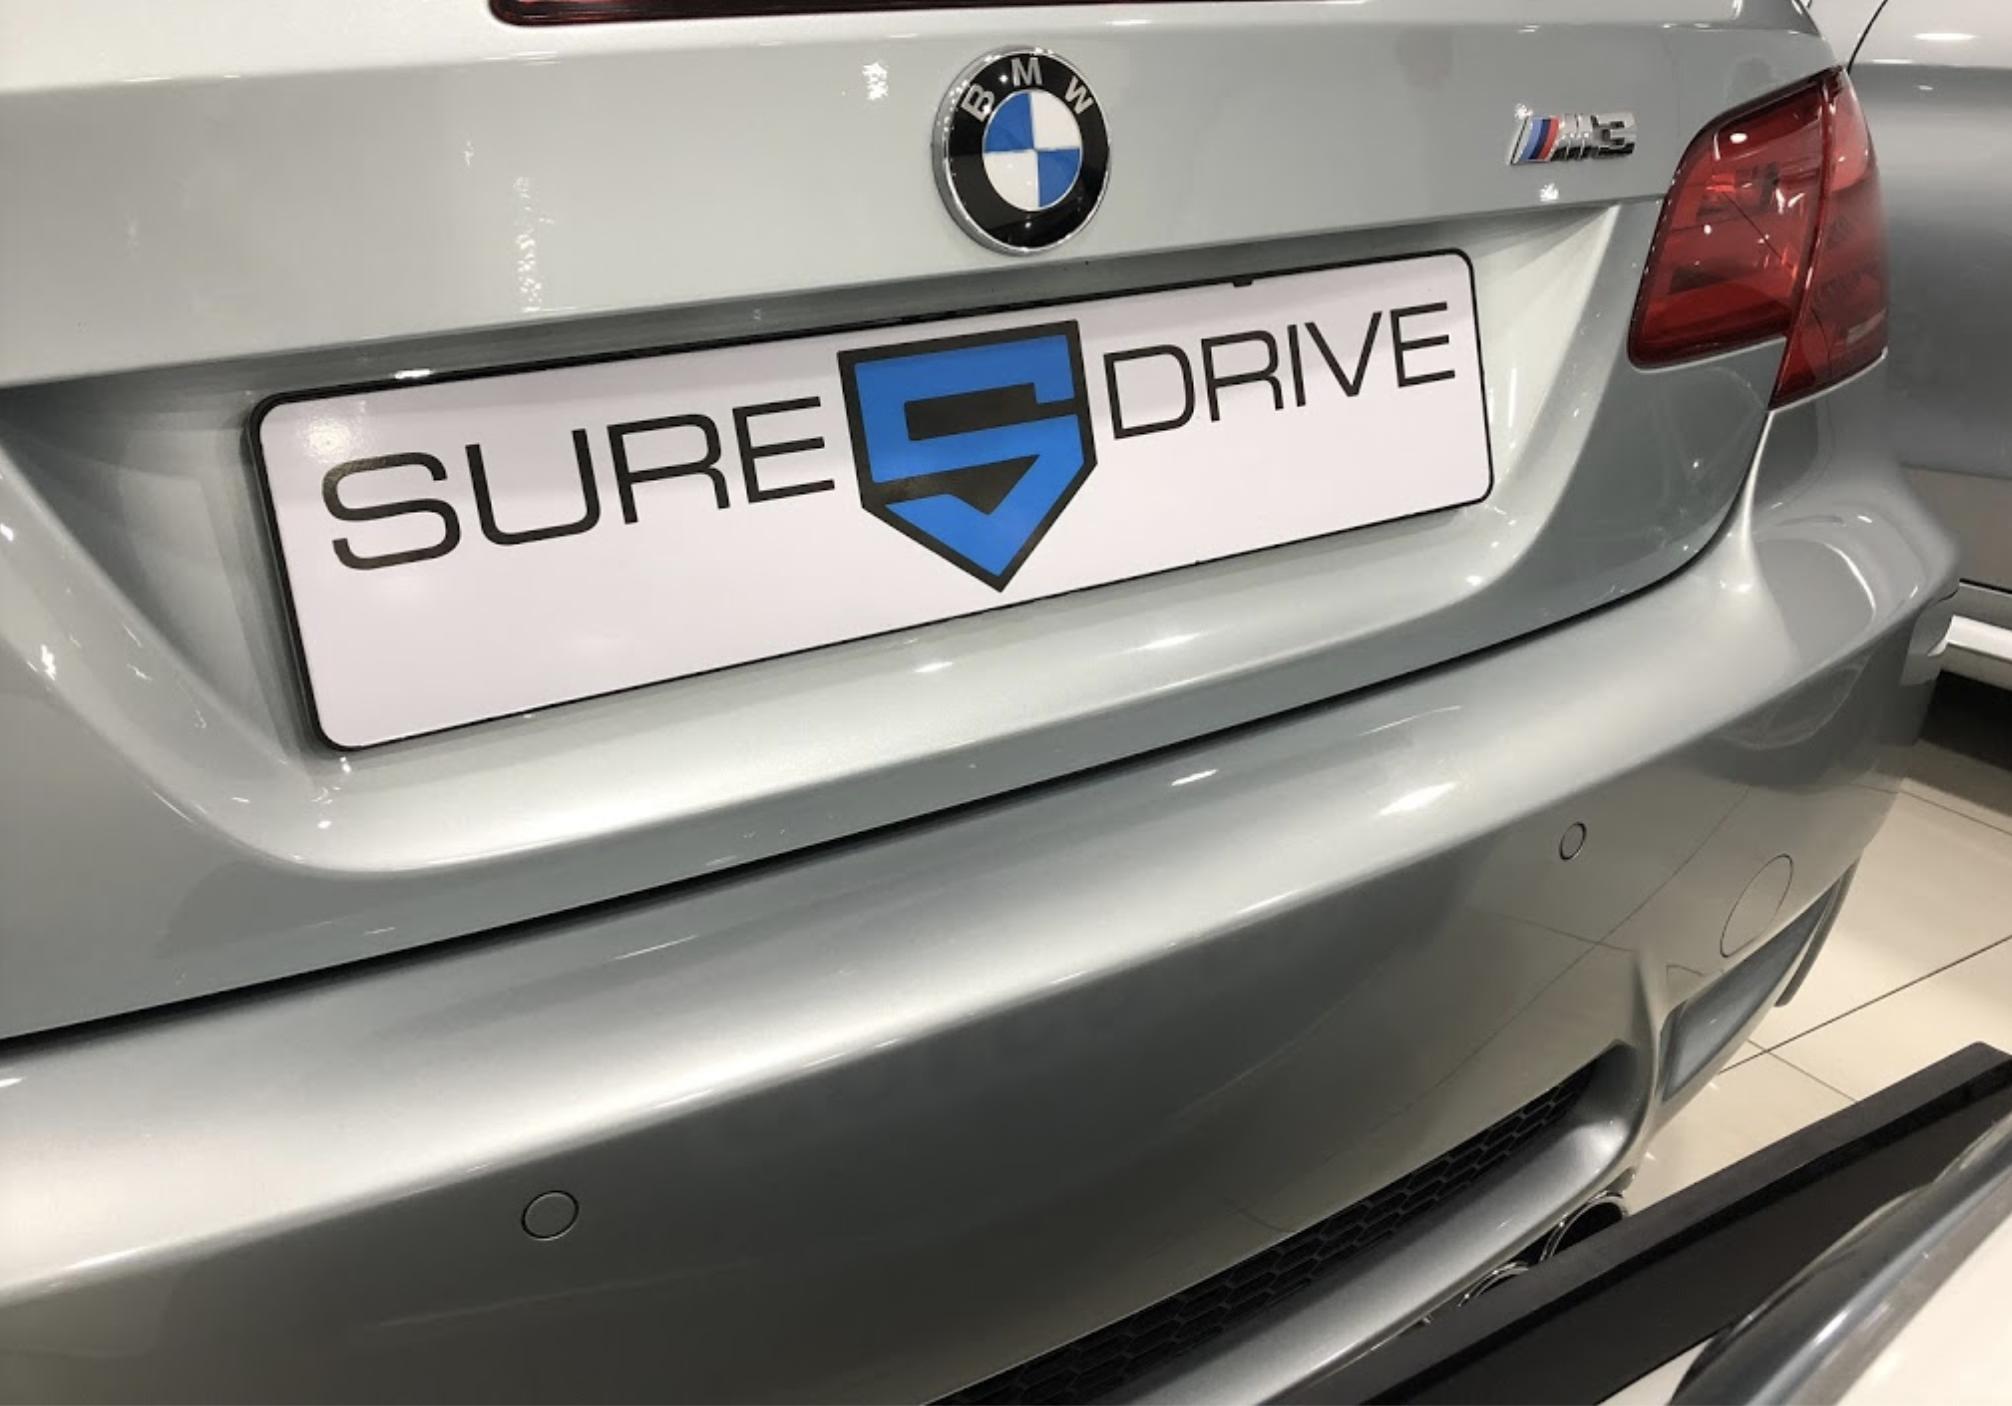 Sure Drive